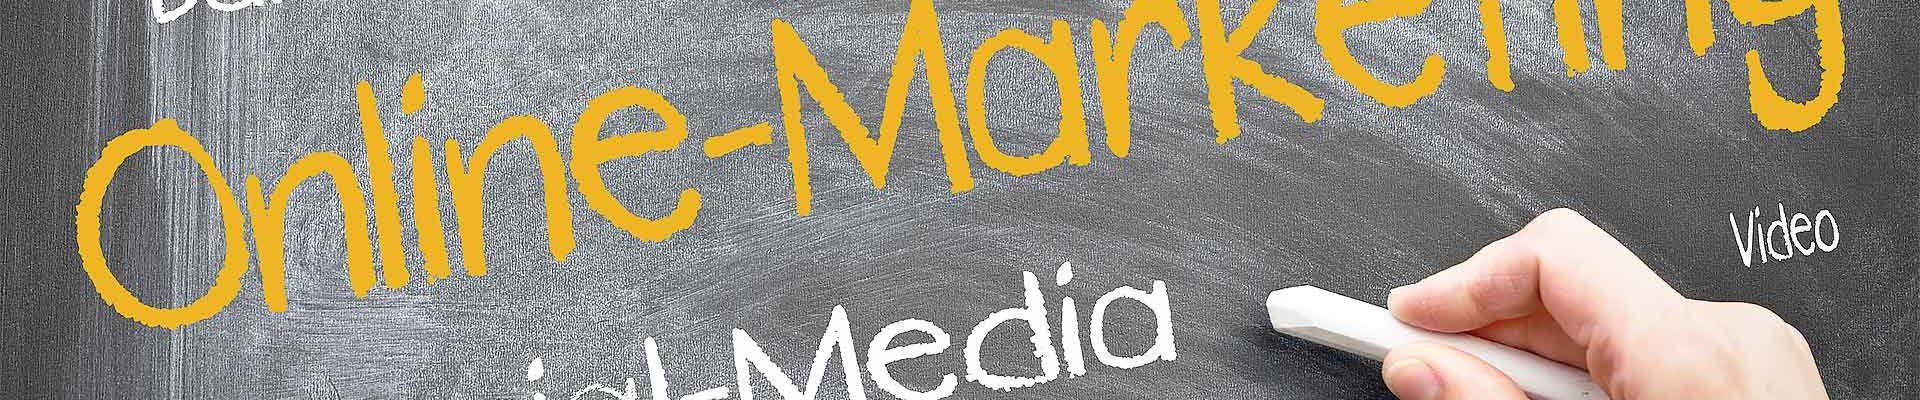 Benötigen Sie Hilfe für Online-Marketing?